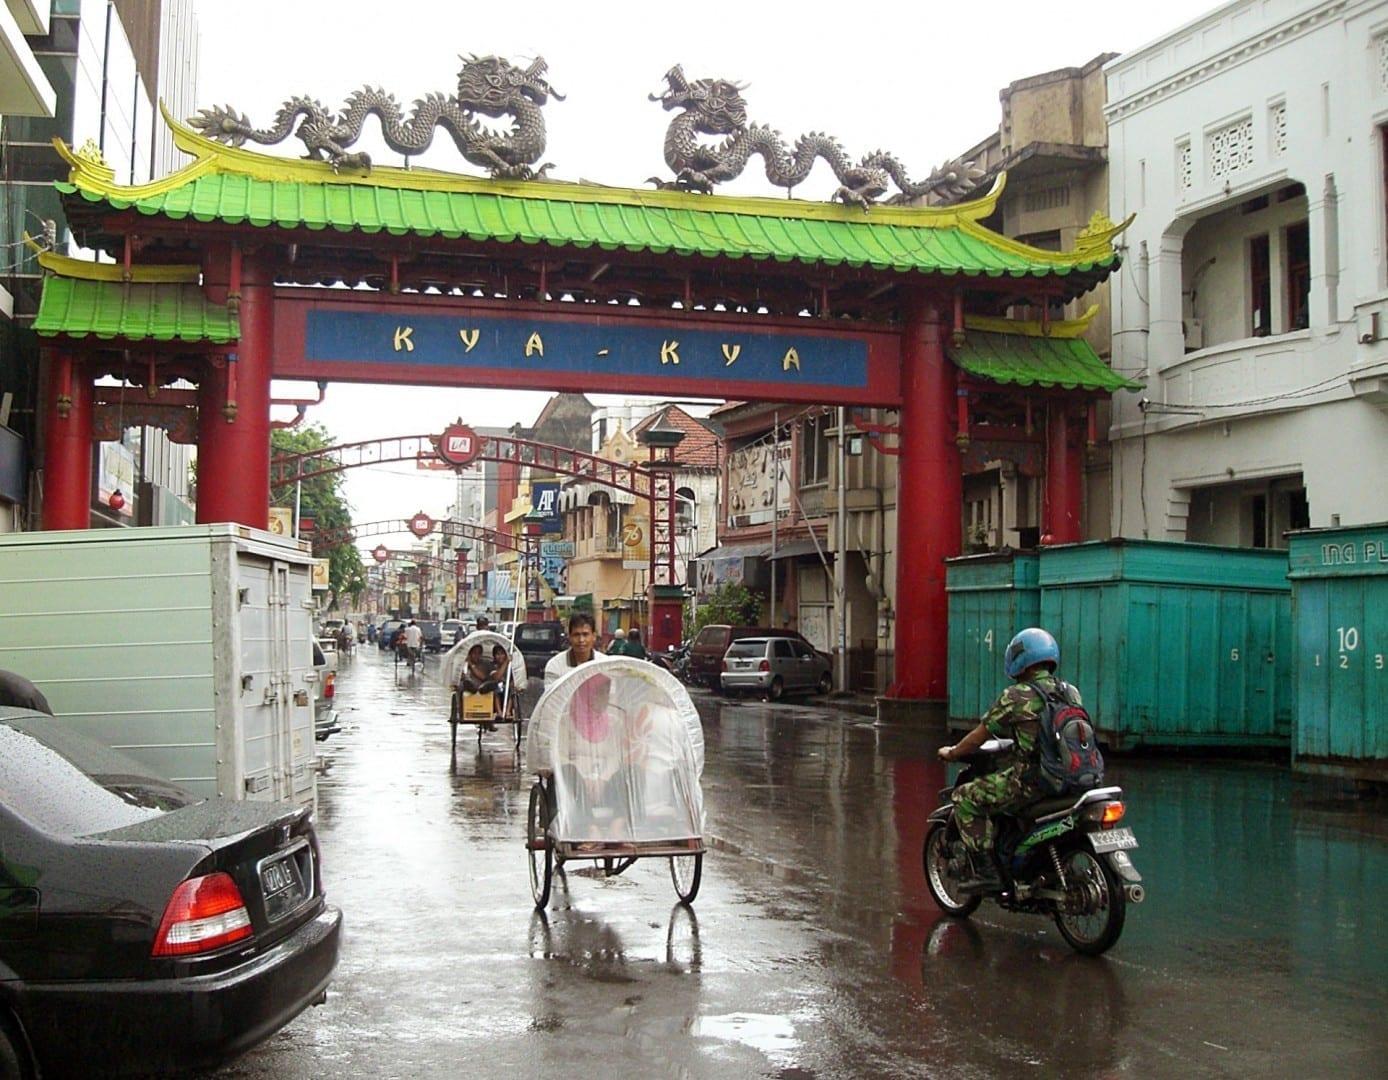 Kya-Kya Kembang Jepun: La puerta de entrada al Barrio Chino, antiguamente Japón. Surabaya Indonesia